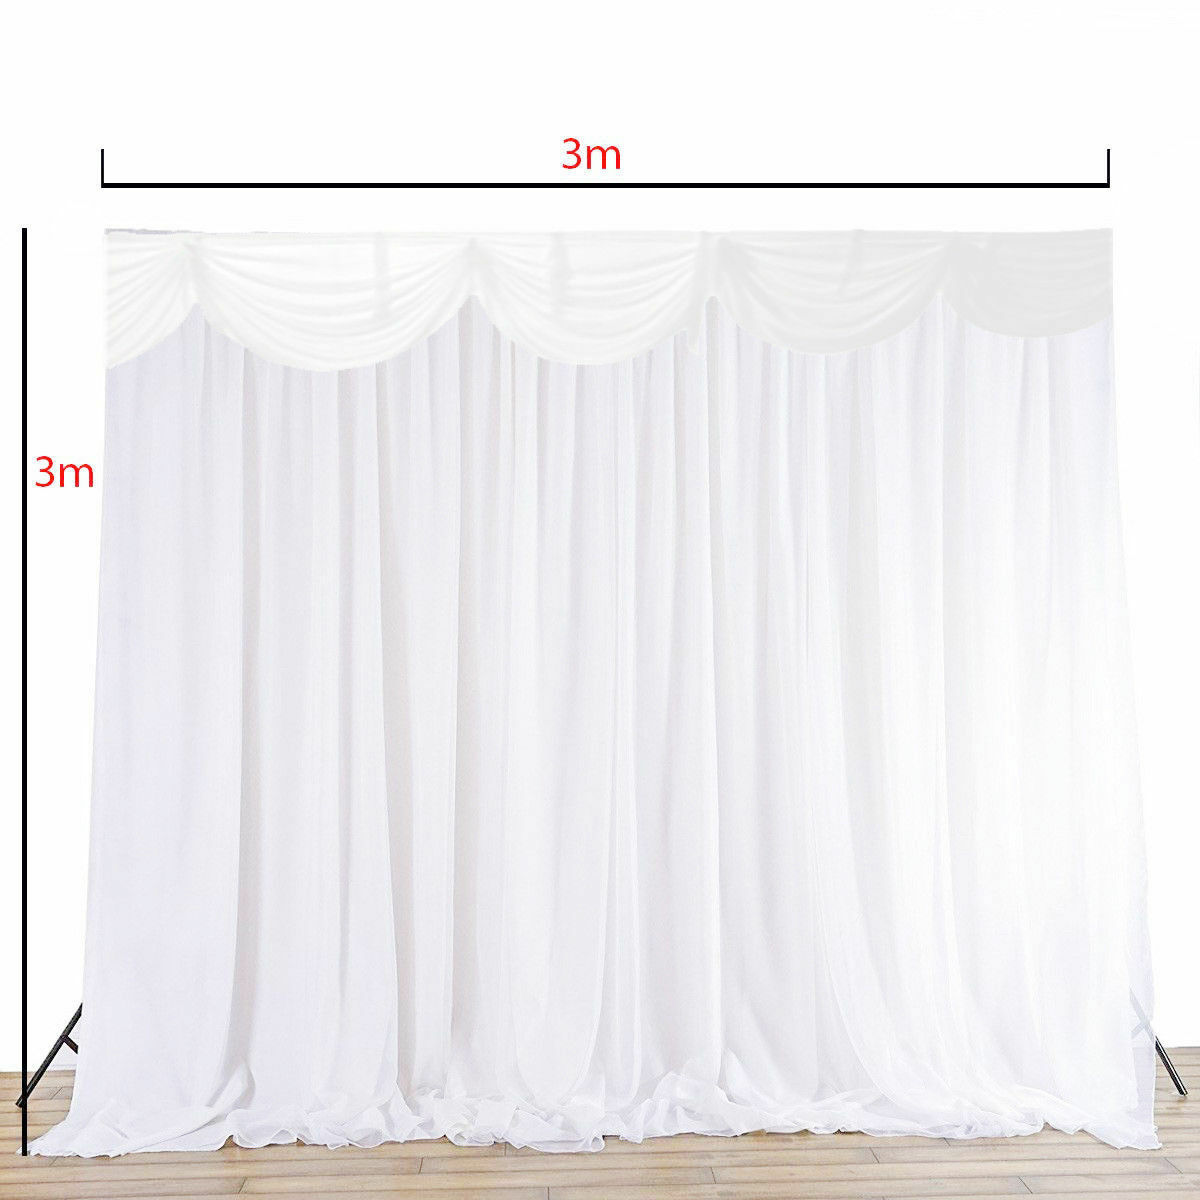 Weiß Hintergrund Vorhänge Girlande Eis Seide Hochzeits Ereigniss Ereigniss Ereigniss Dekoration | Offizielle  | Authentisch  | Zart  ee0e97